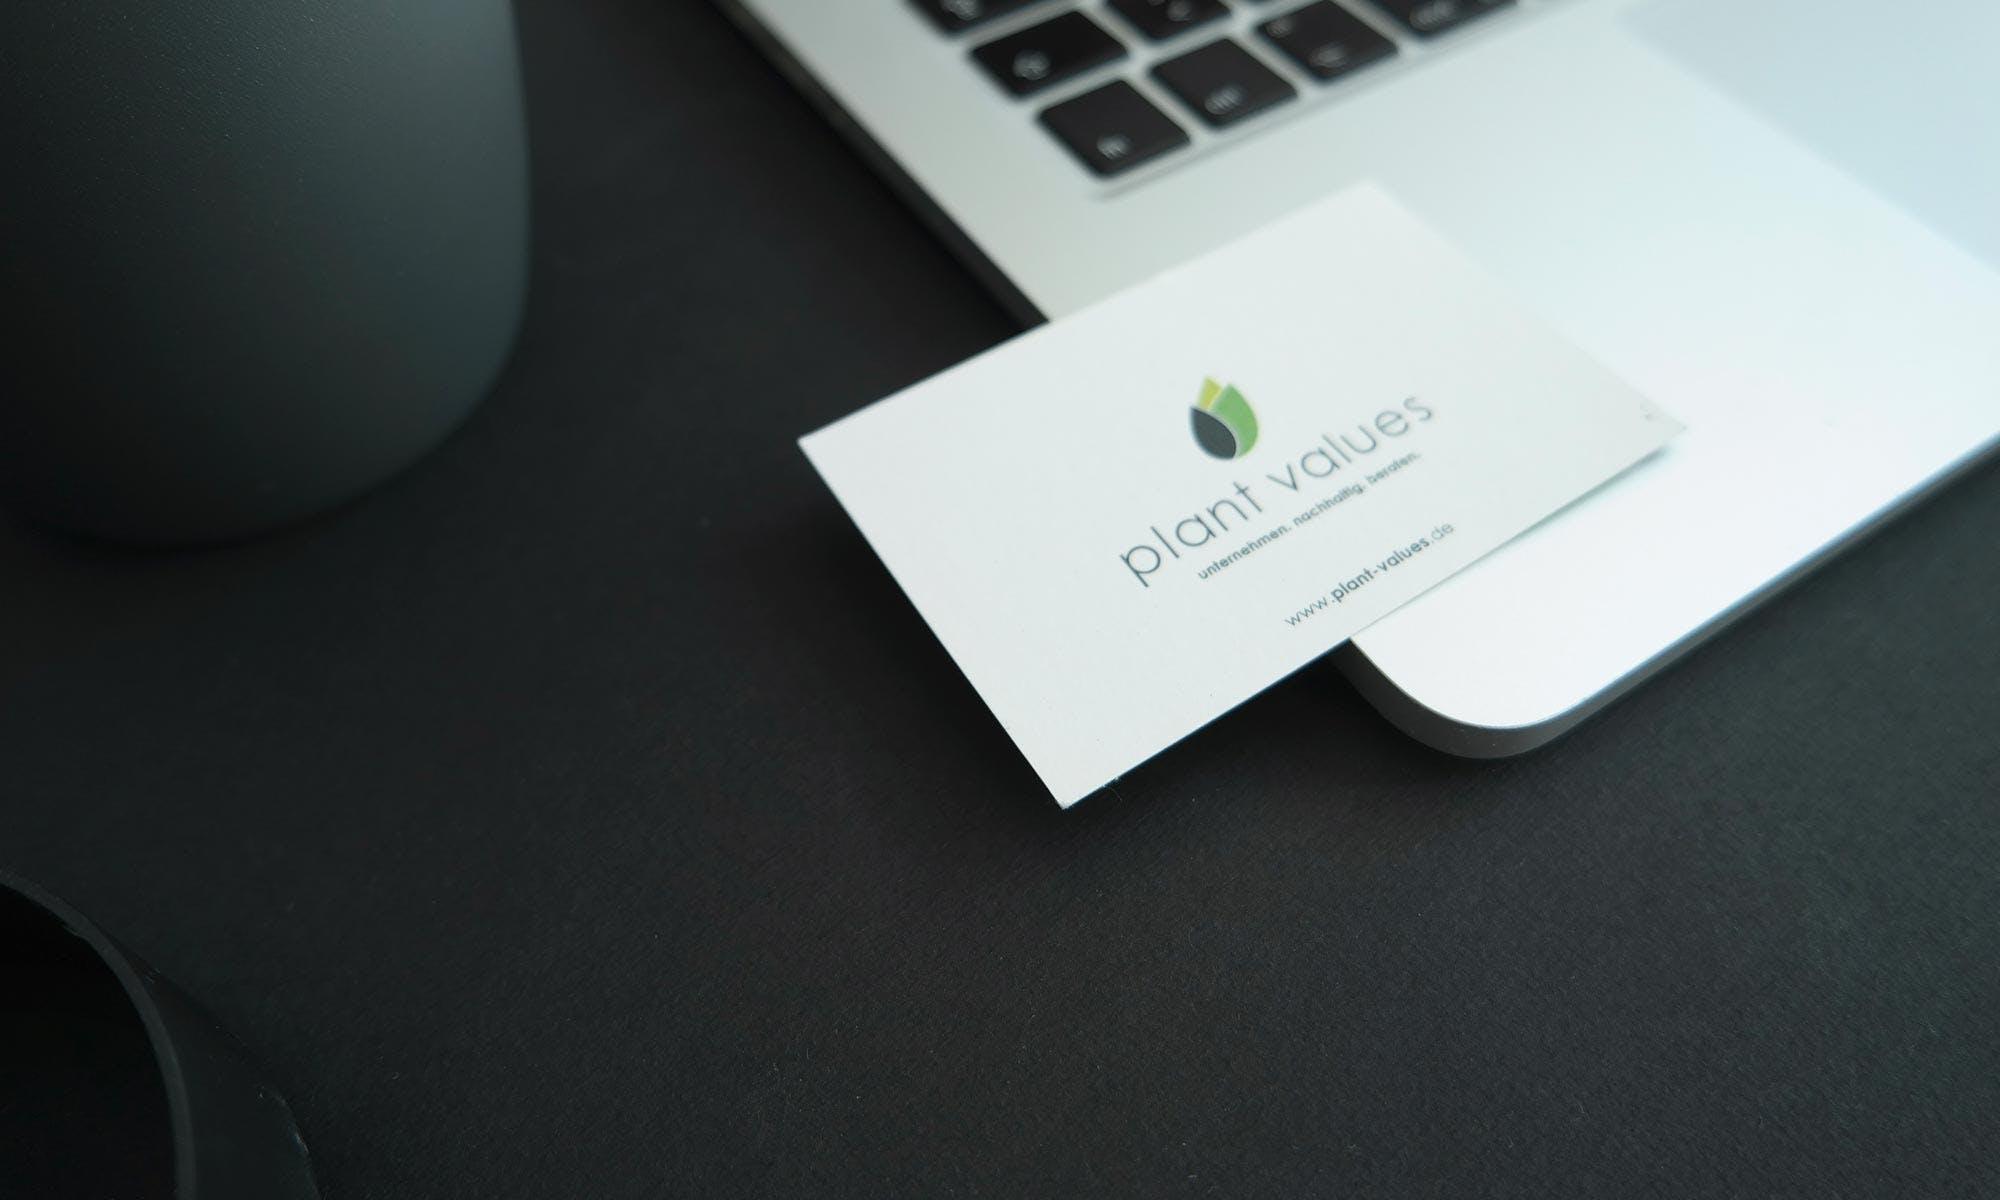 Die Logo-Entwicklung für Plant Values aus Dresden auf einer Visitenkarten.